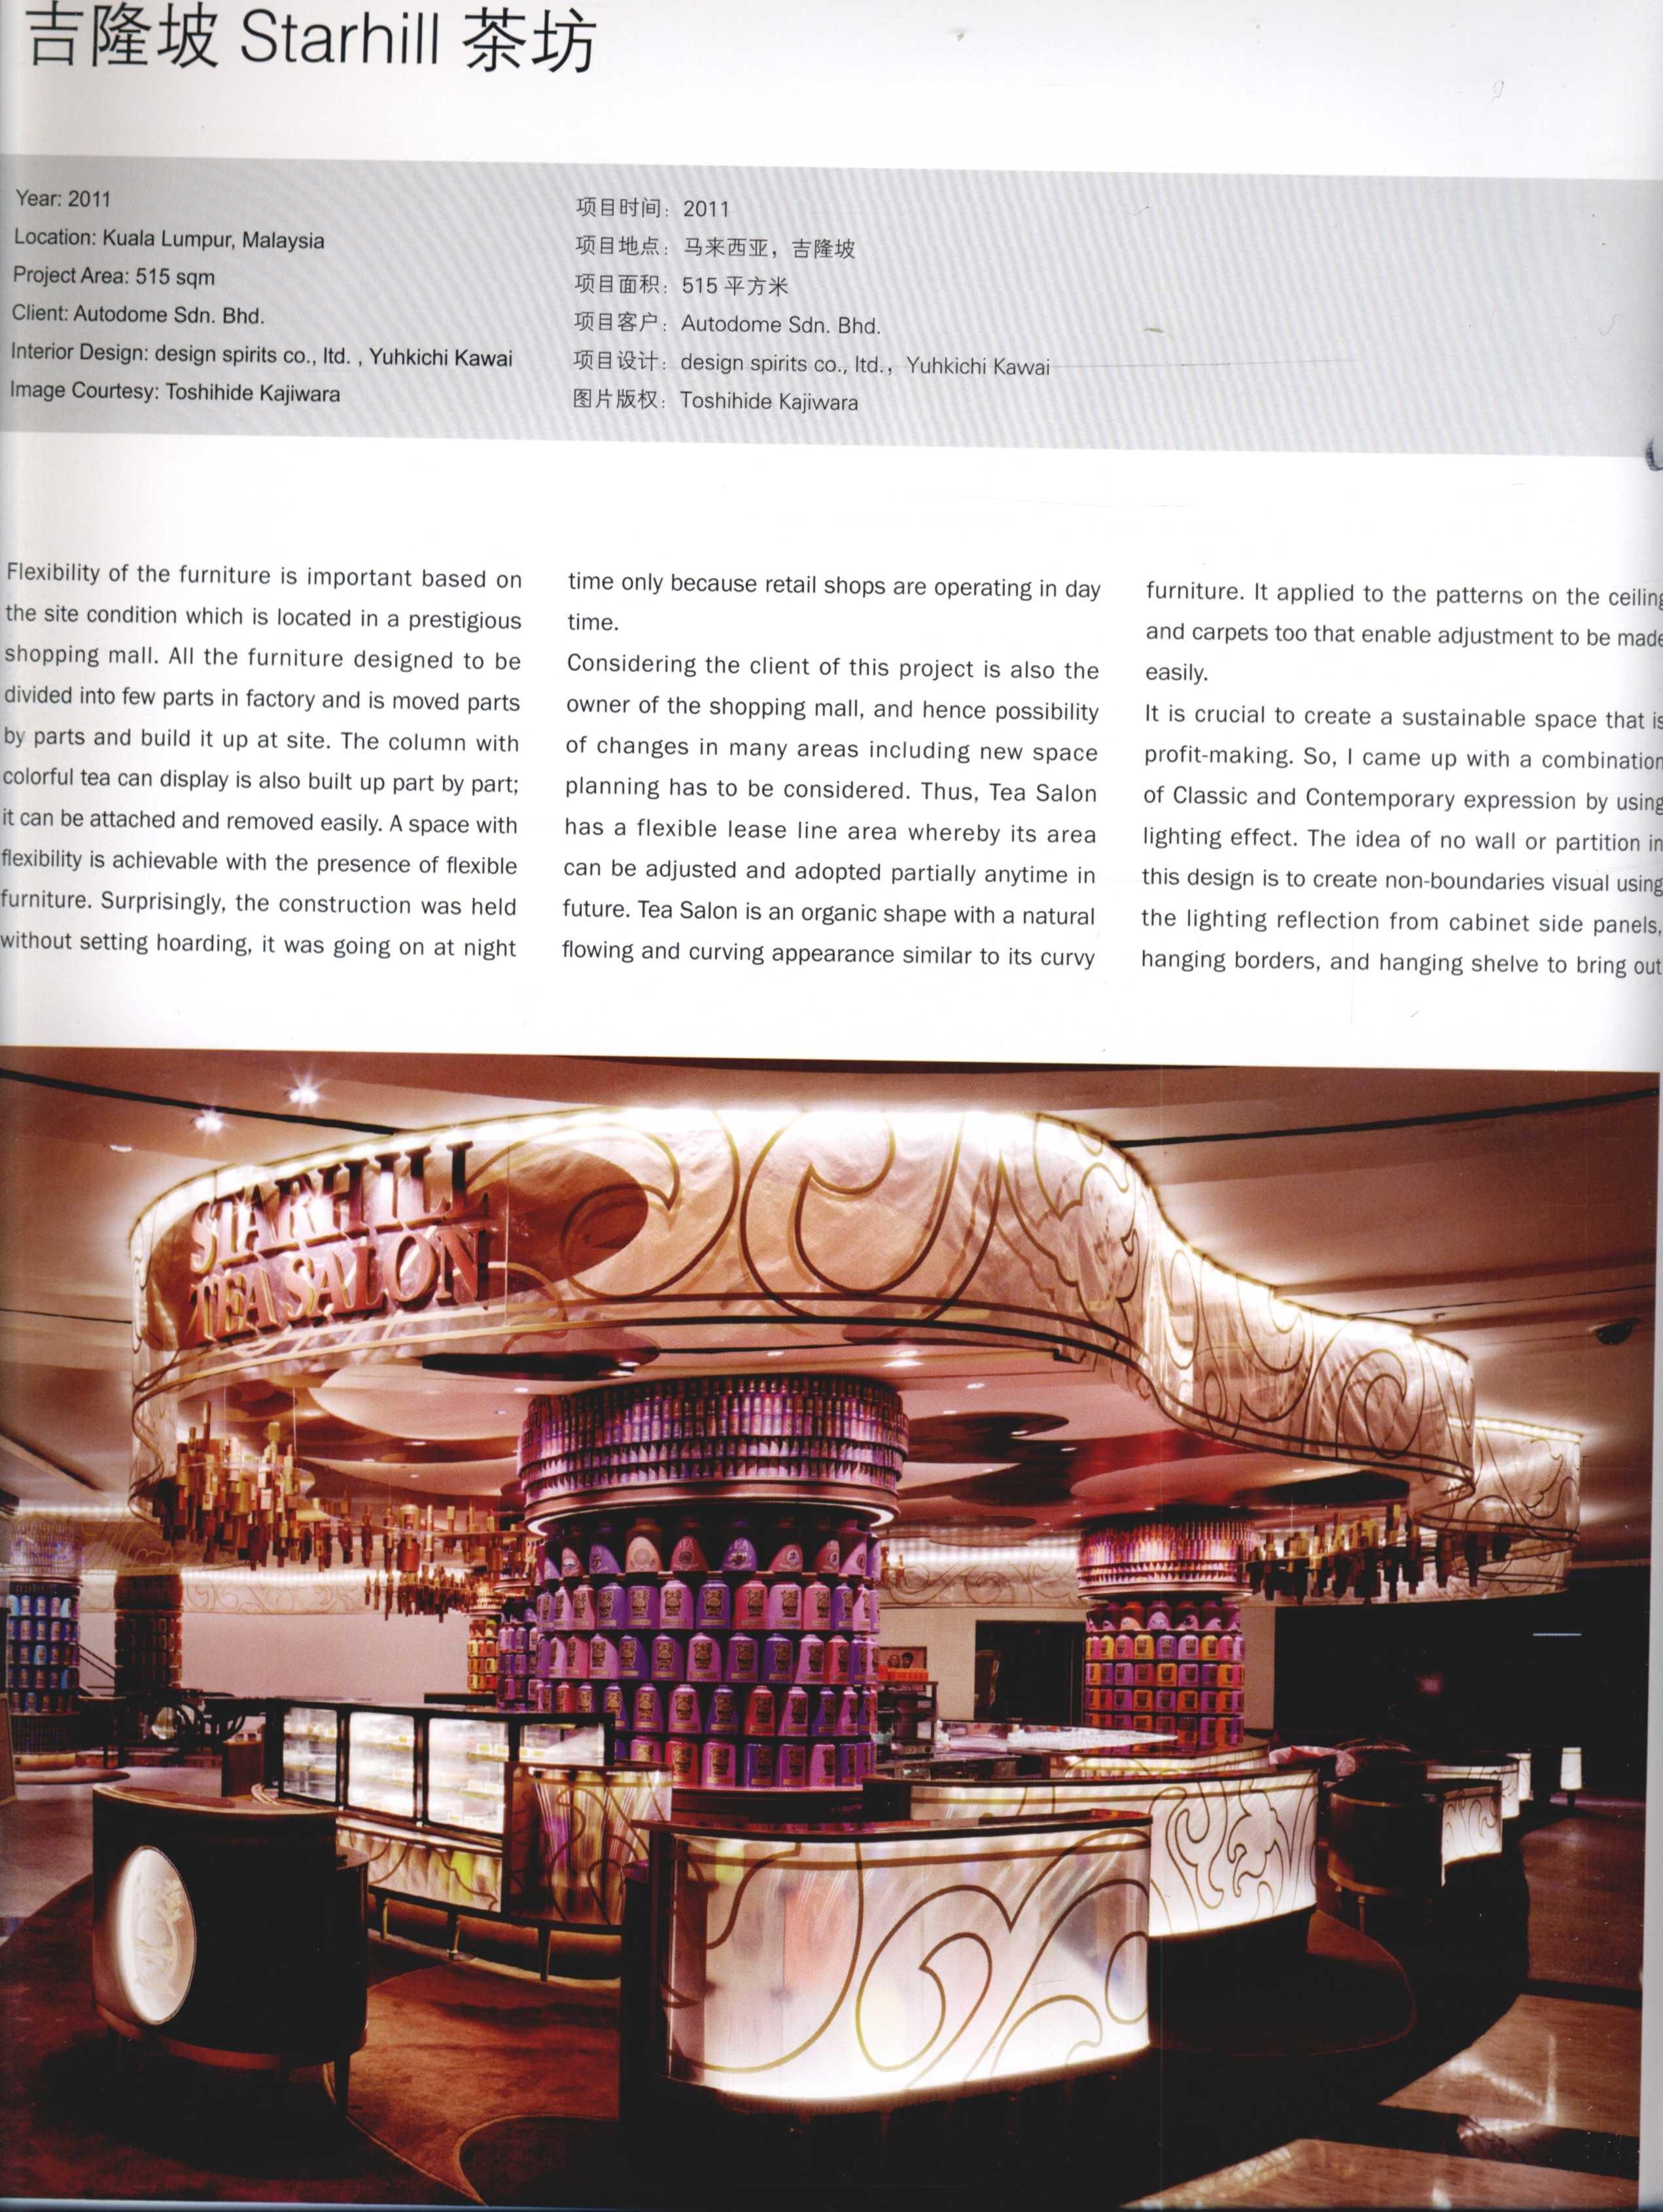 2012全球室内设计年鉴  餐饮_Page_120.jpg